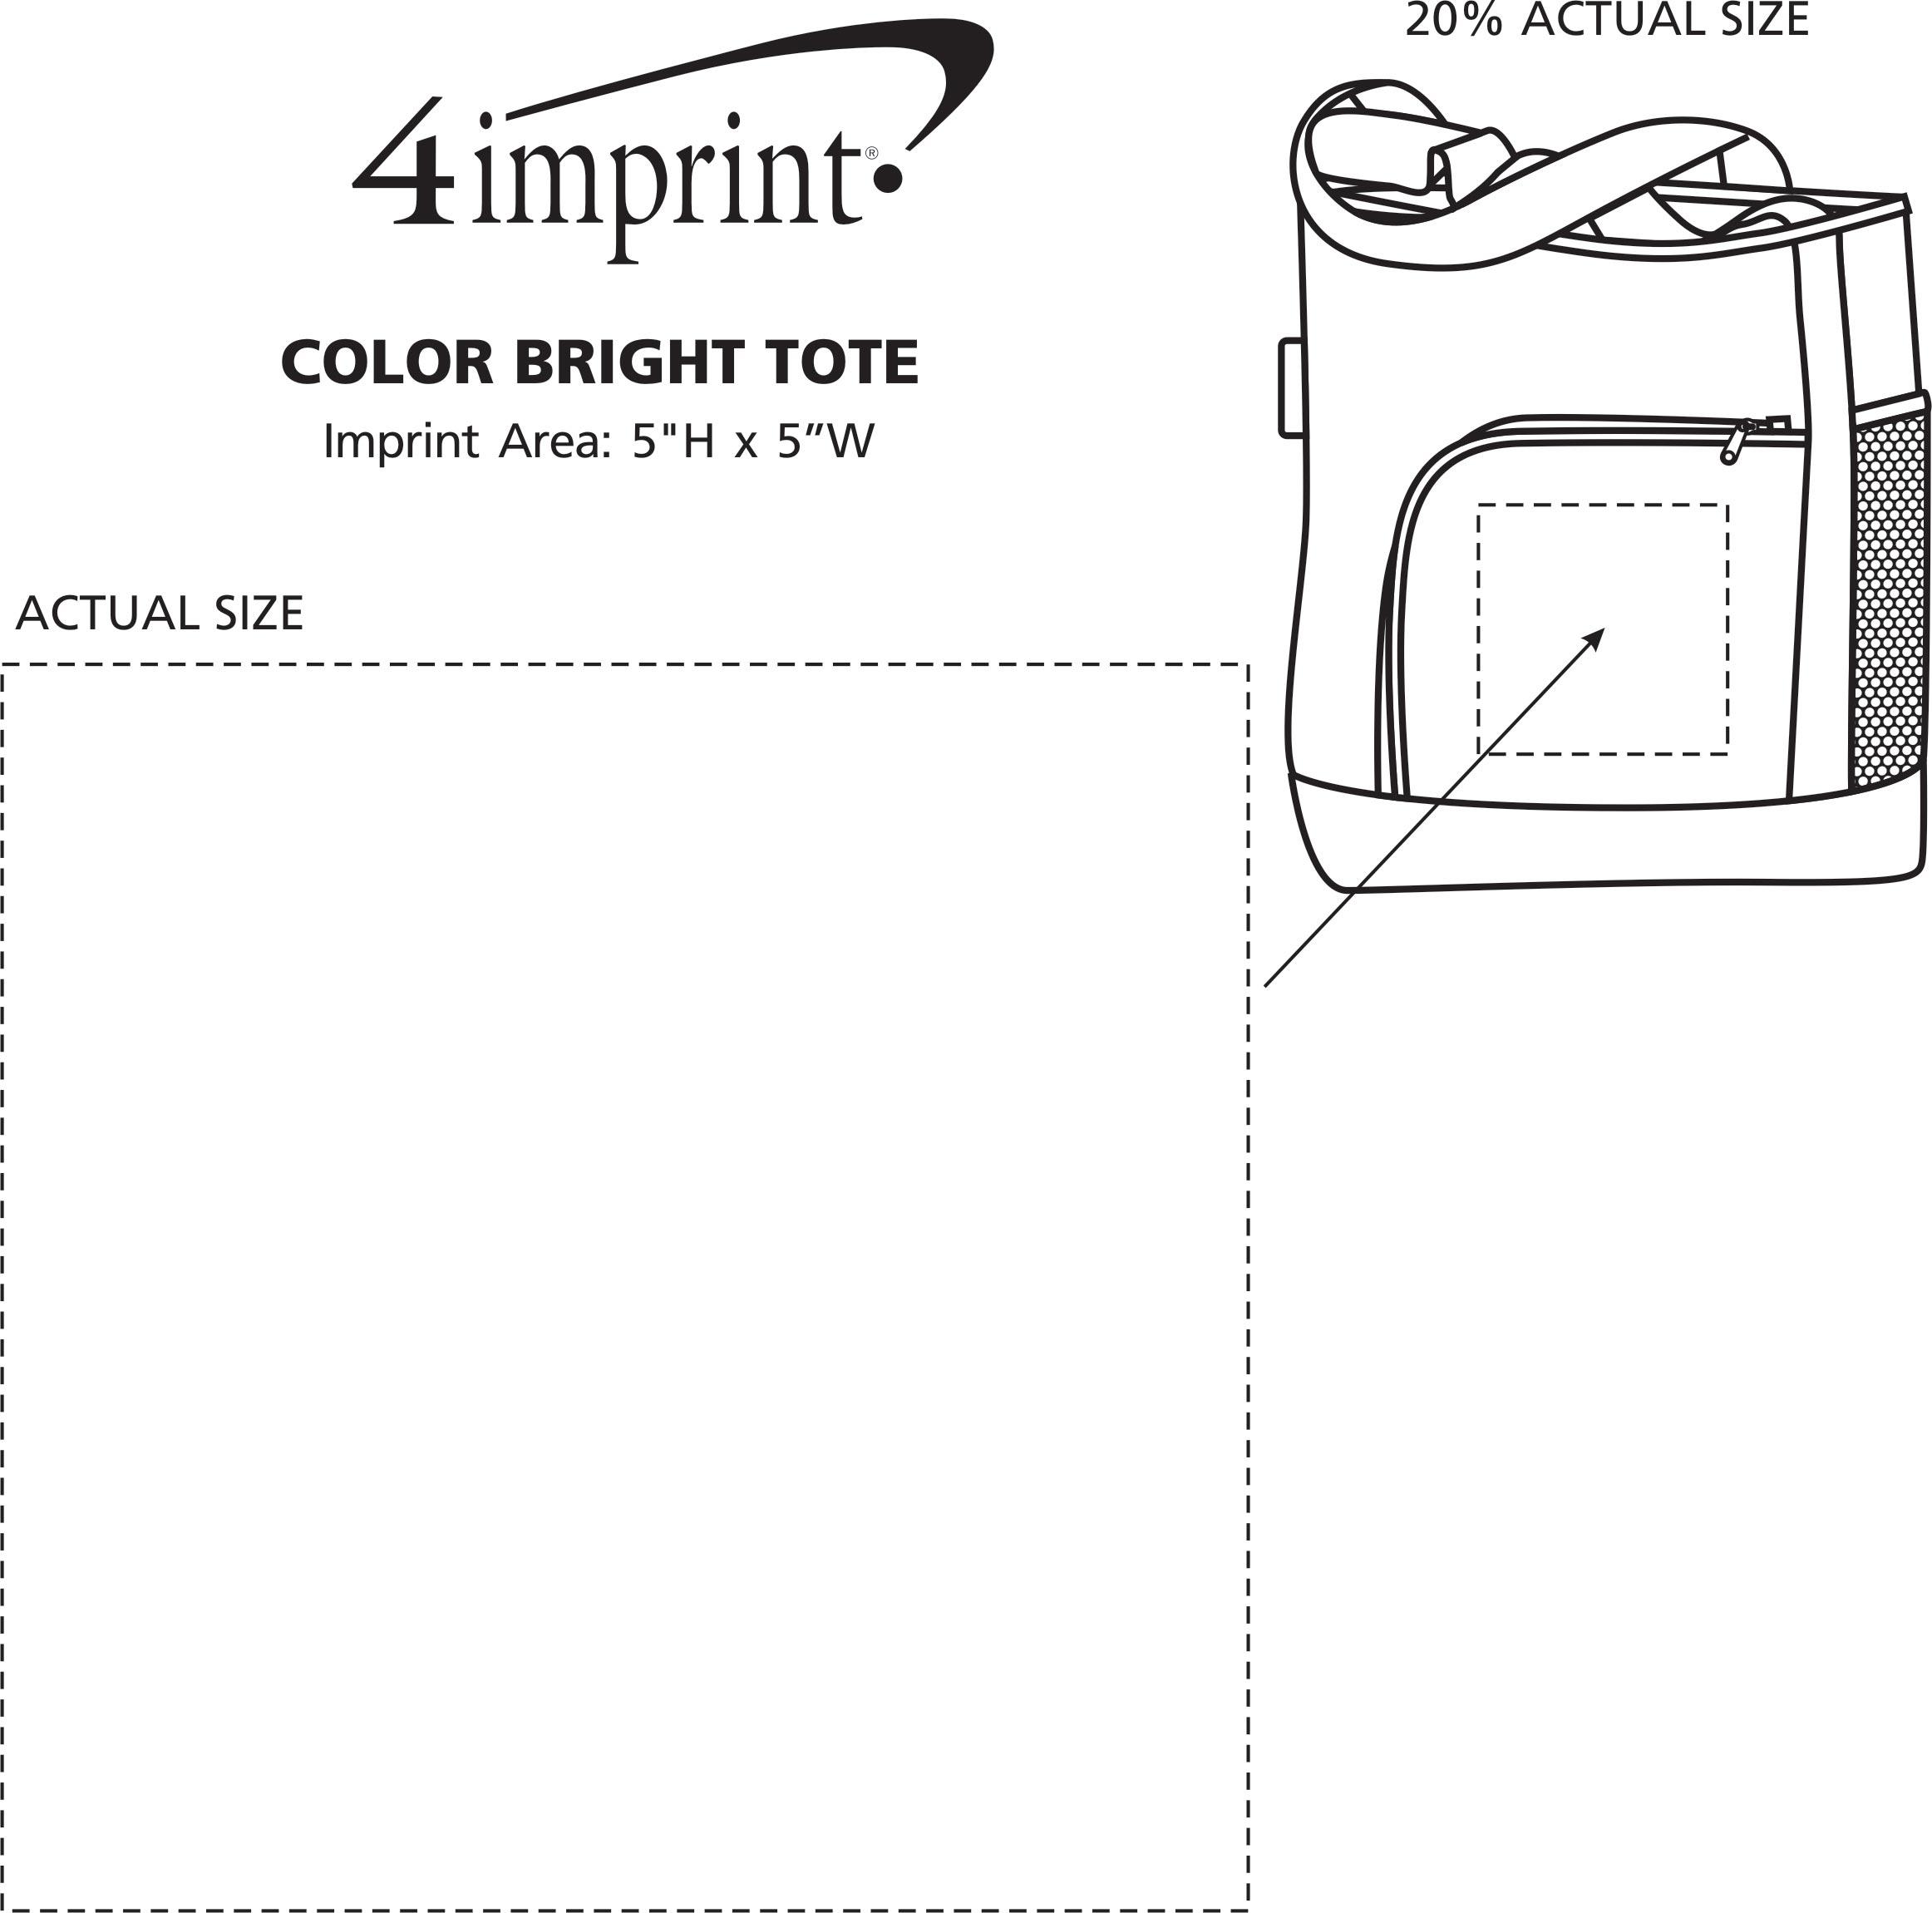 Imprint Area of Color Bright Tote